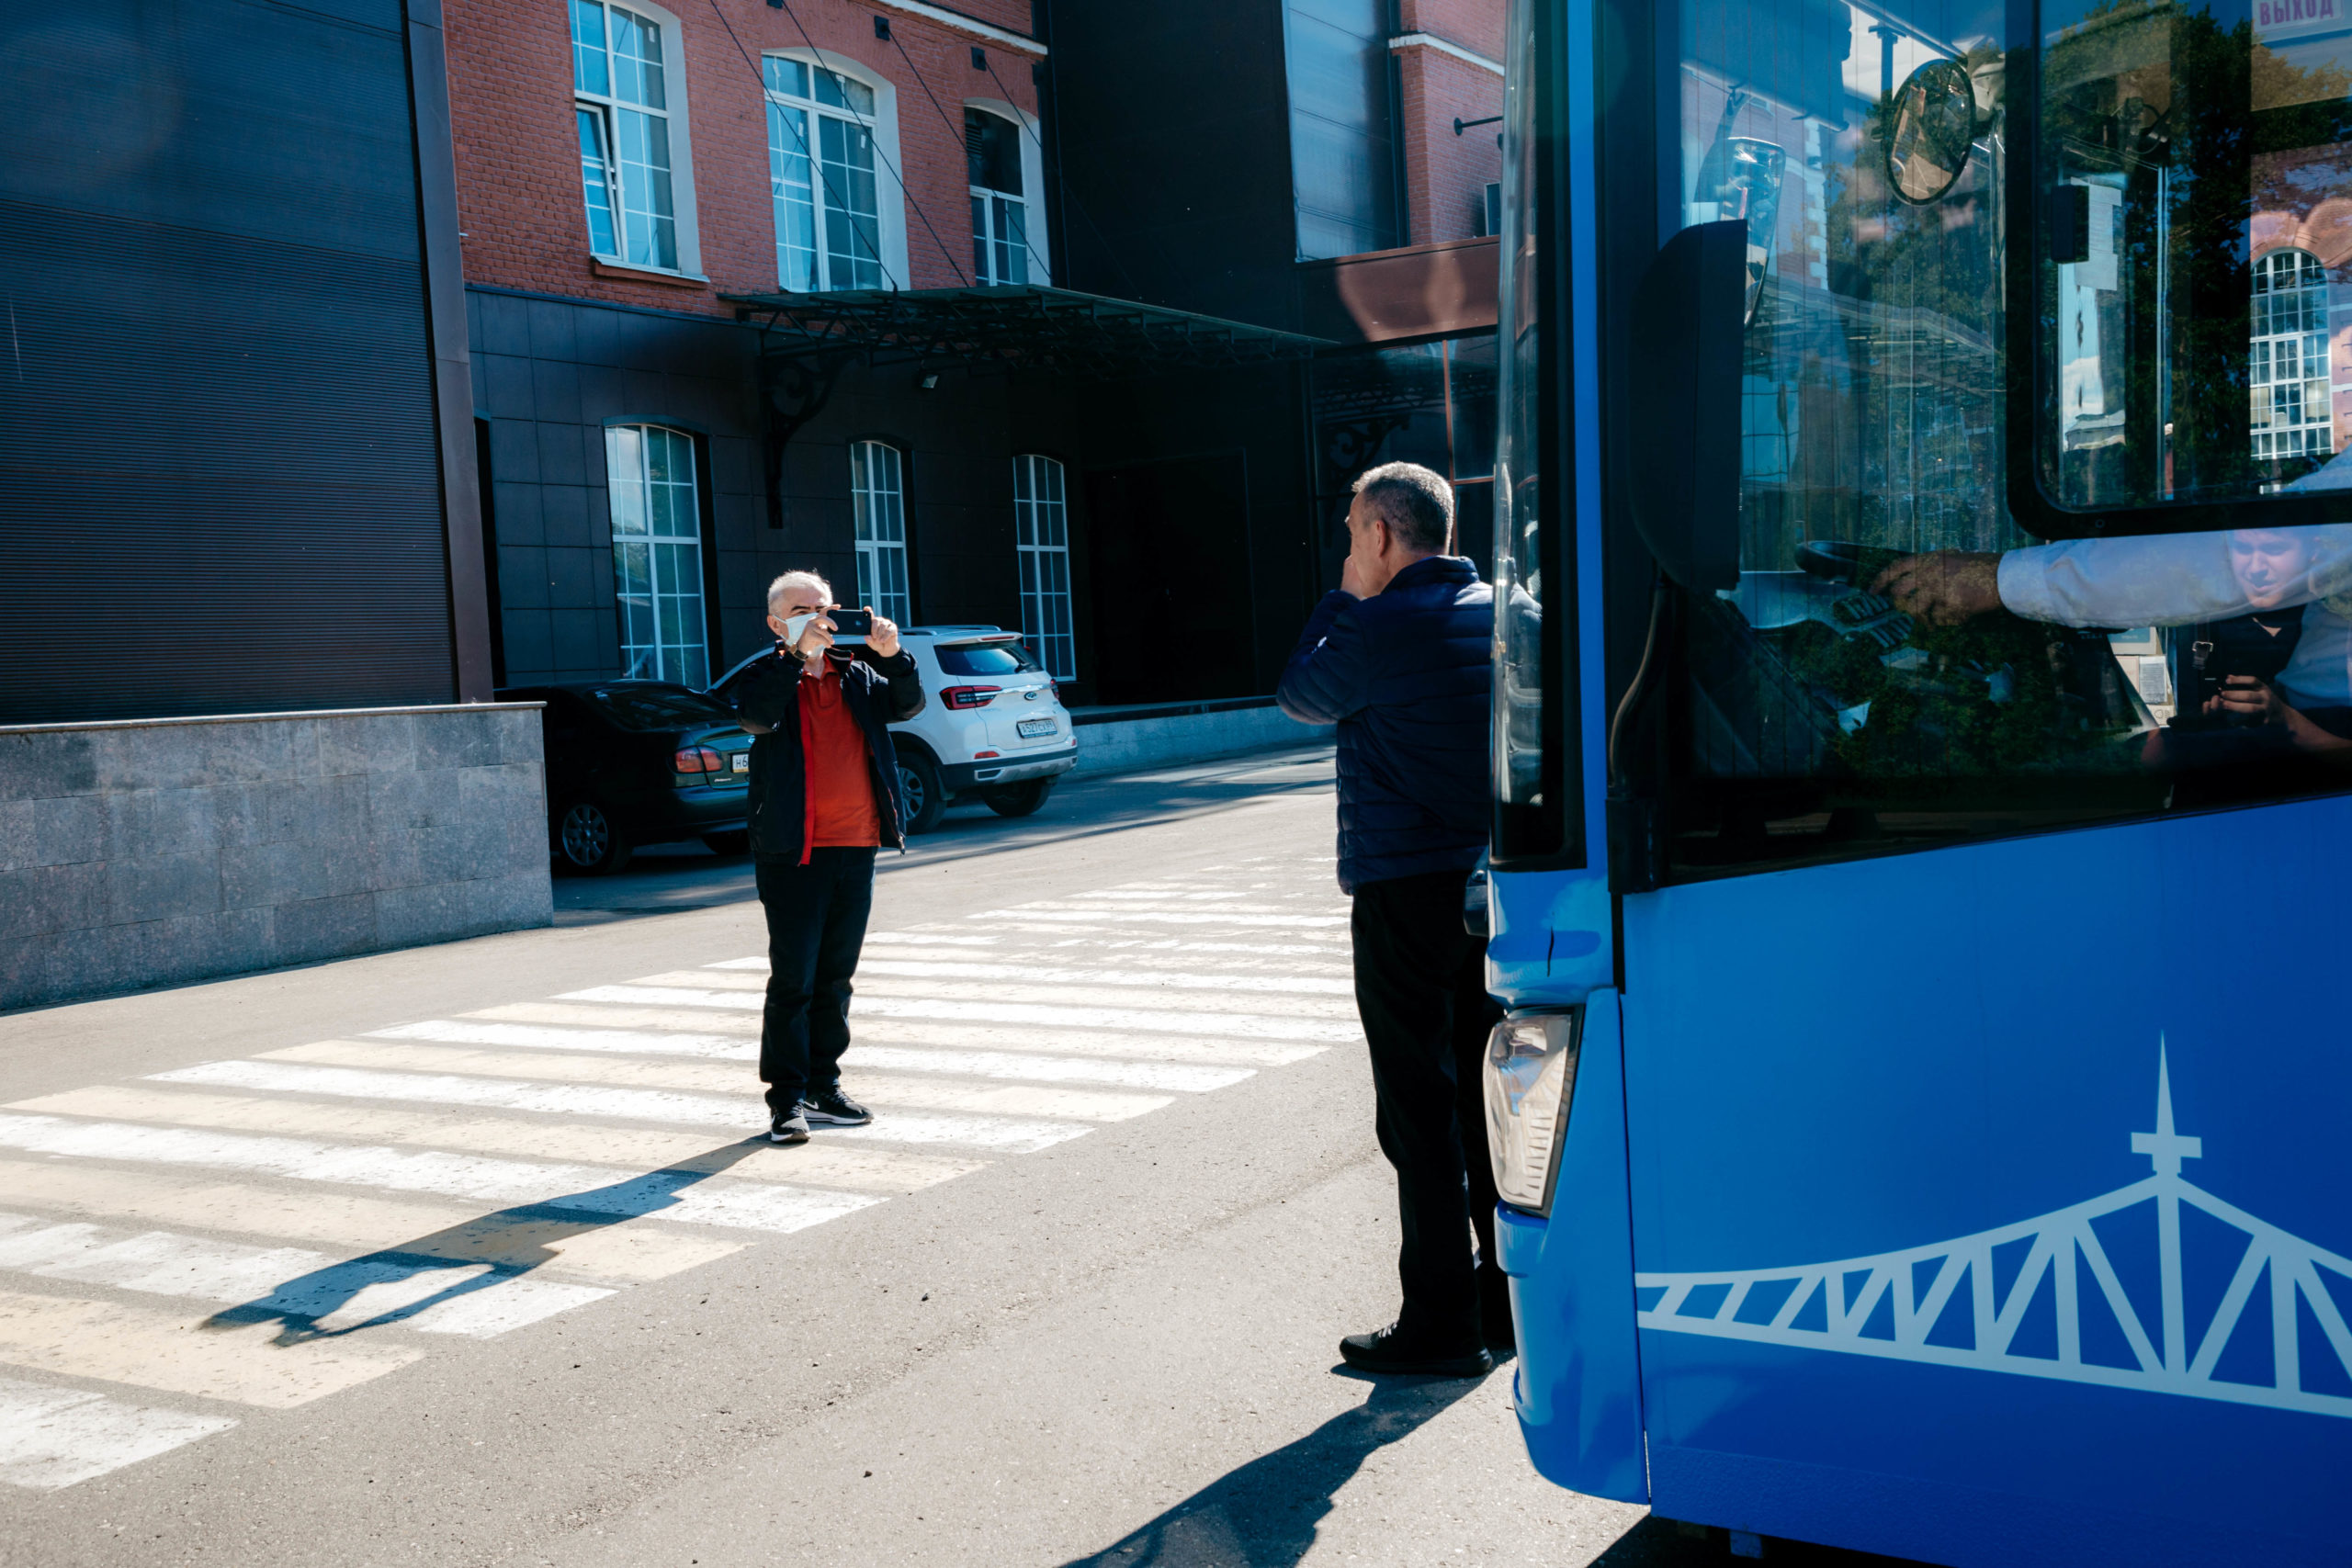 Делегация Турецкой Республики приехала в тверской регион за опытом транспортной реформы